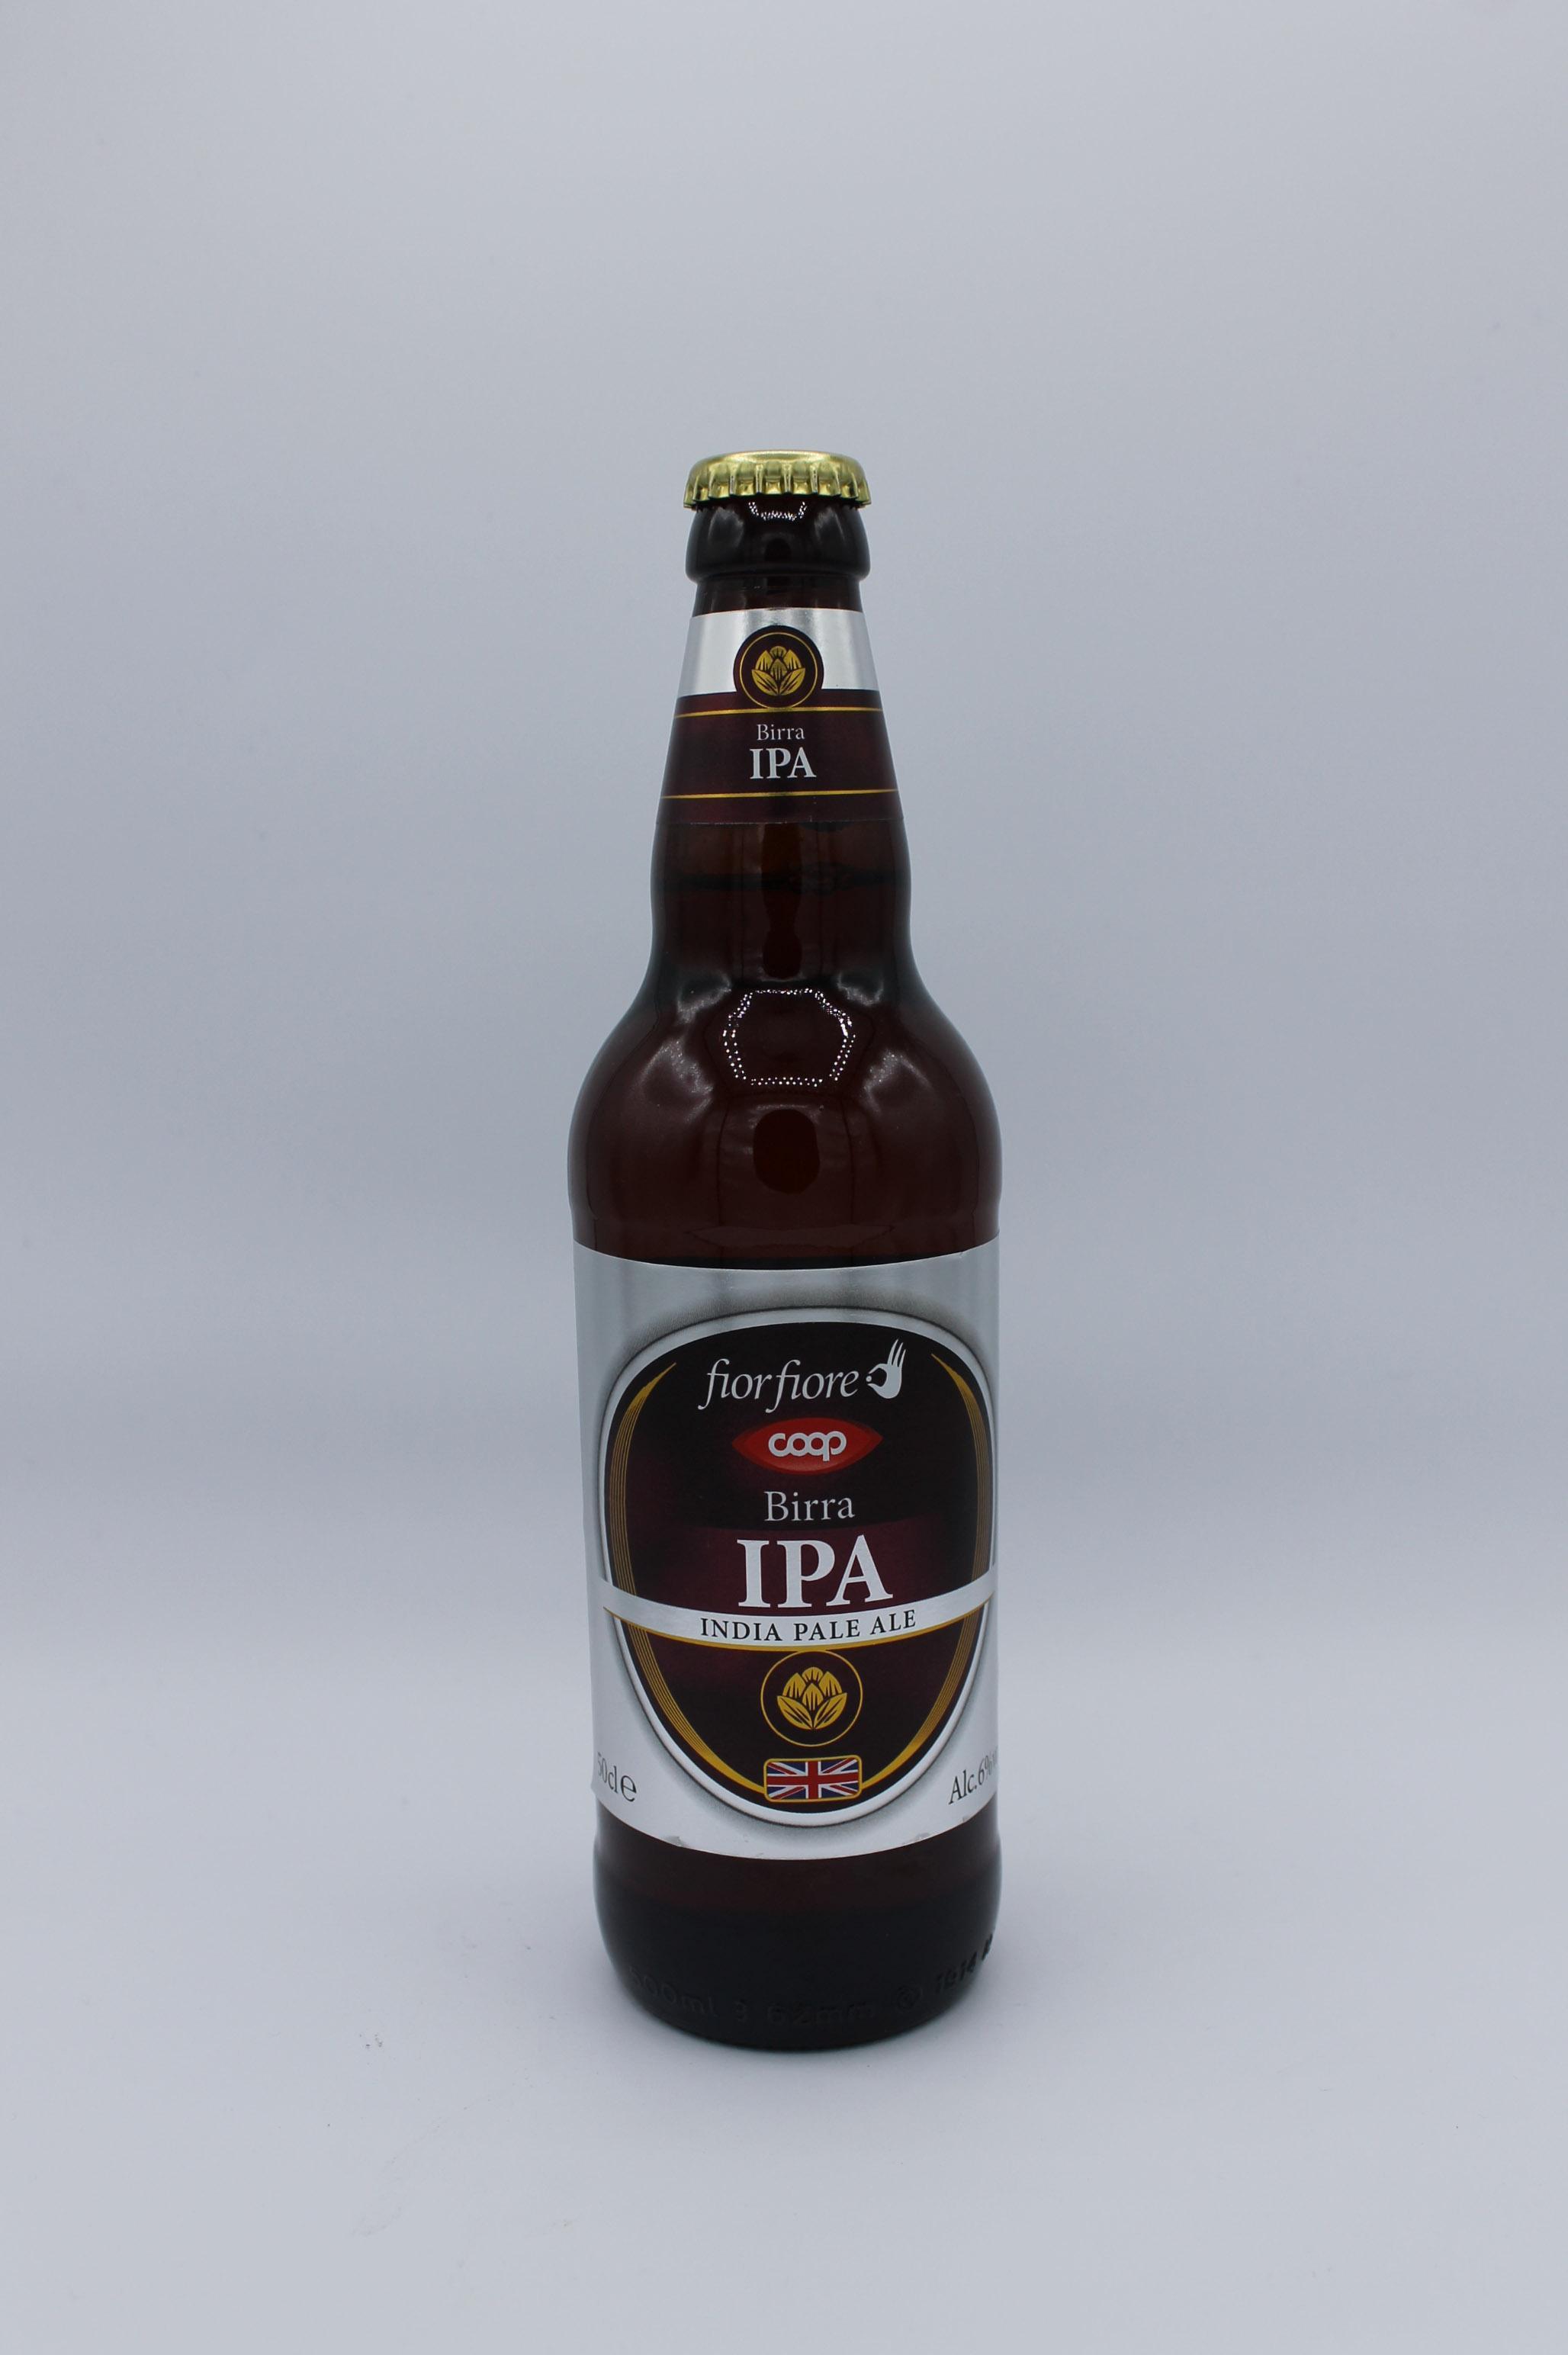 Fior fiore coop birra ipa 500ml.